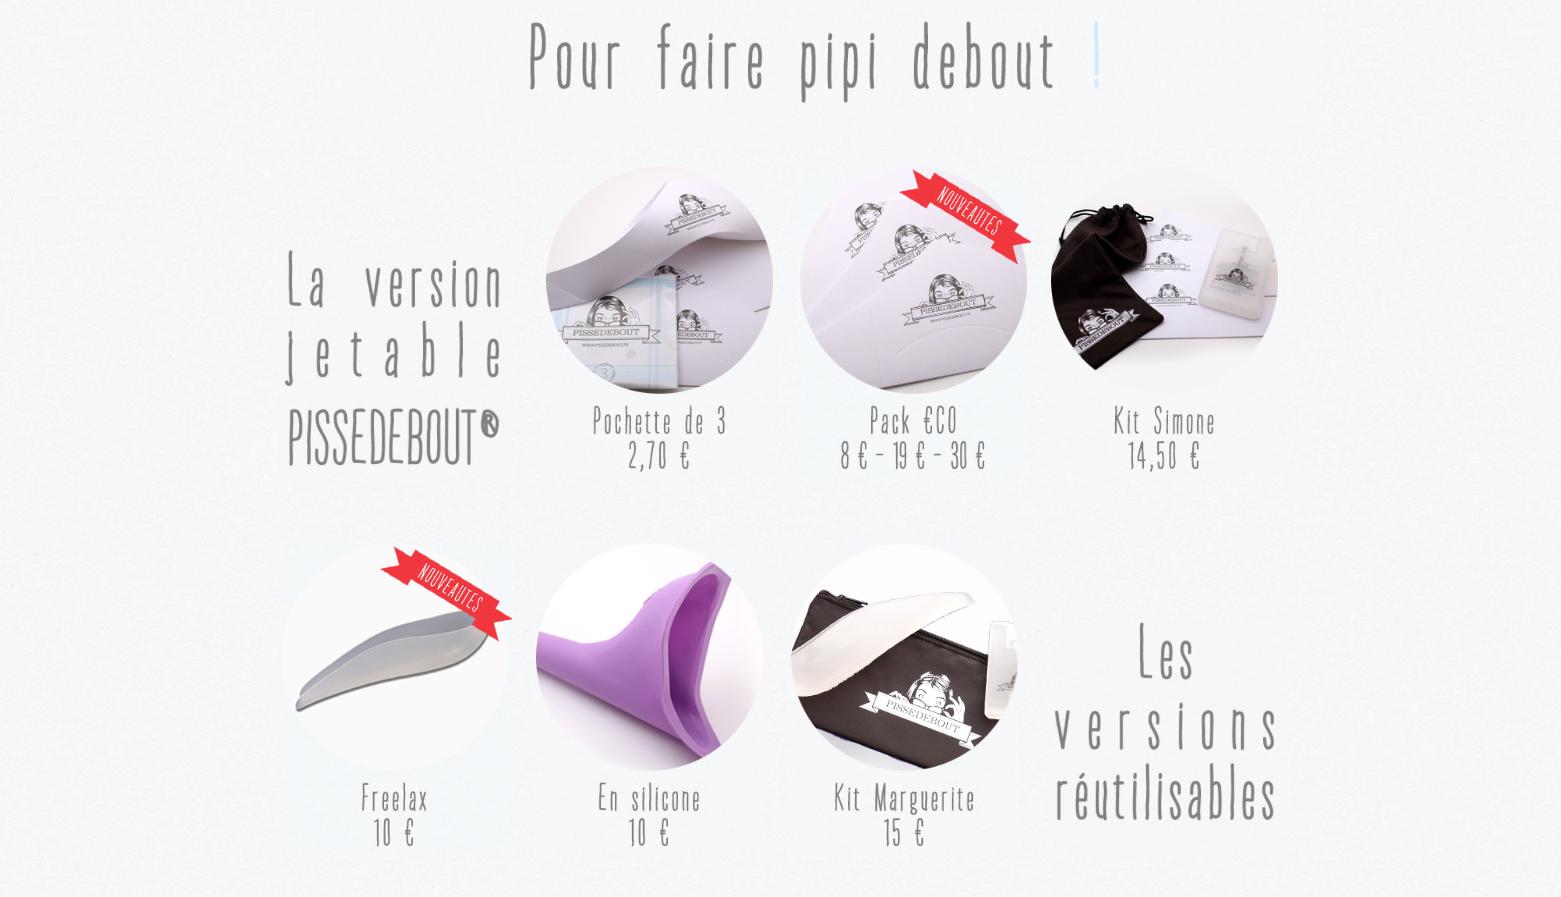 Pipi-Debout-Femmes-1